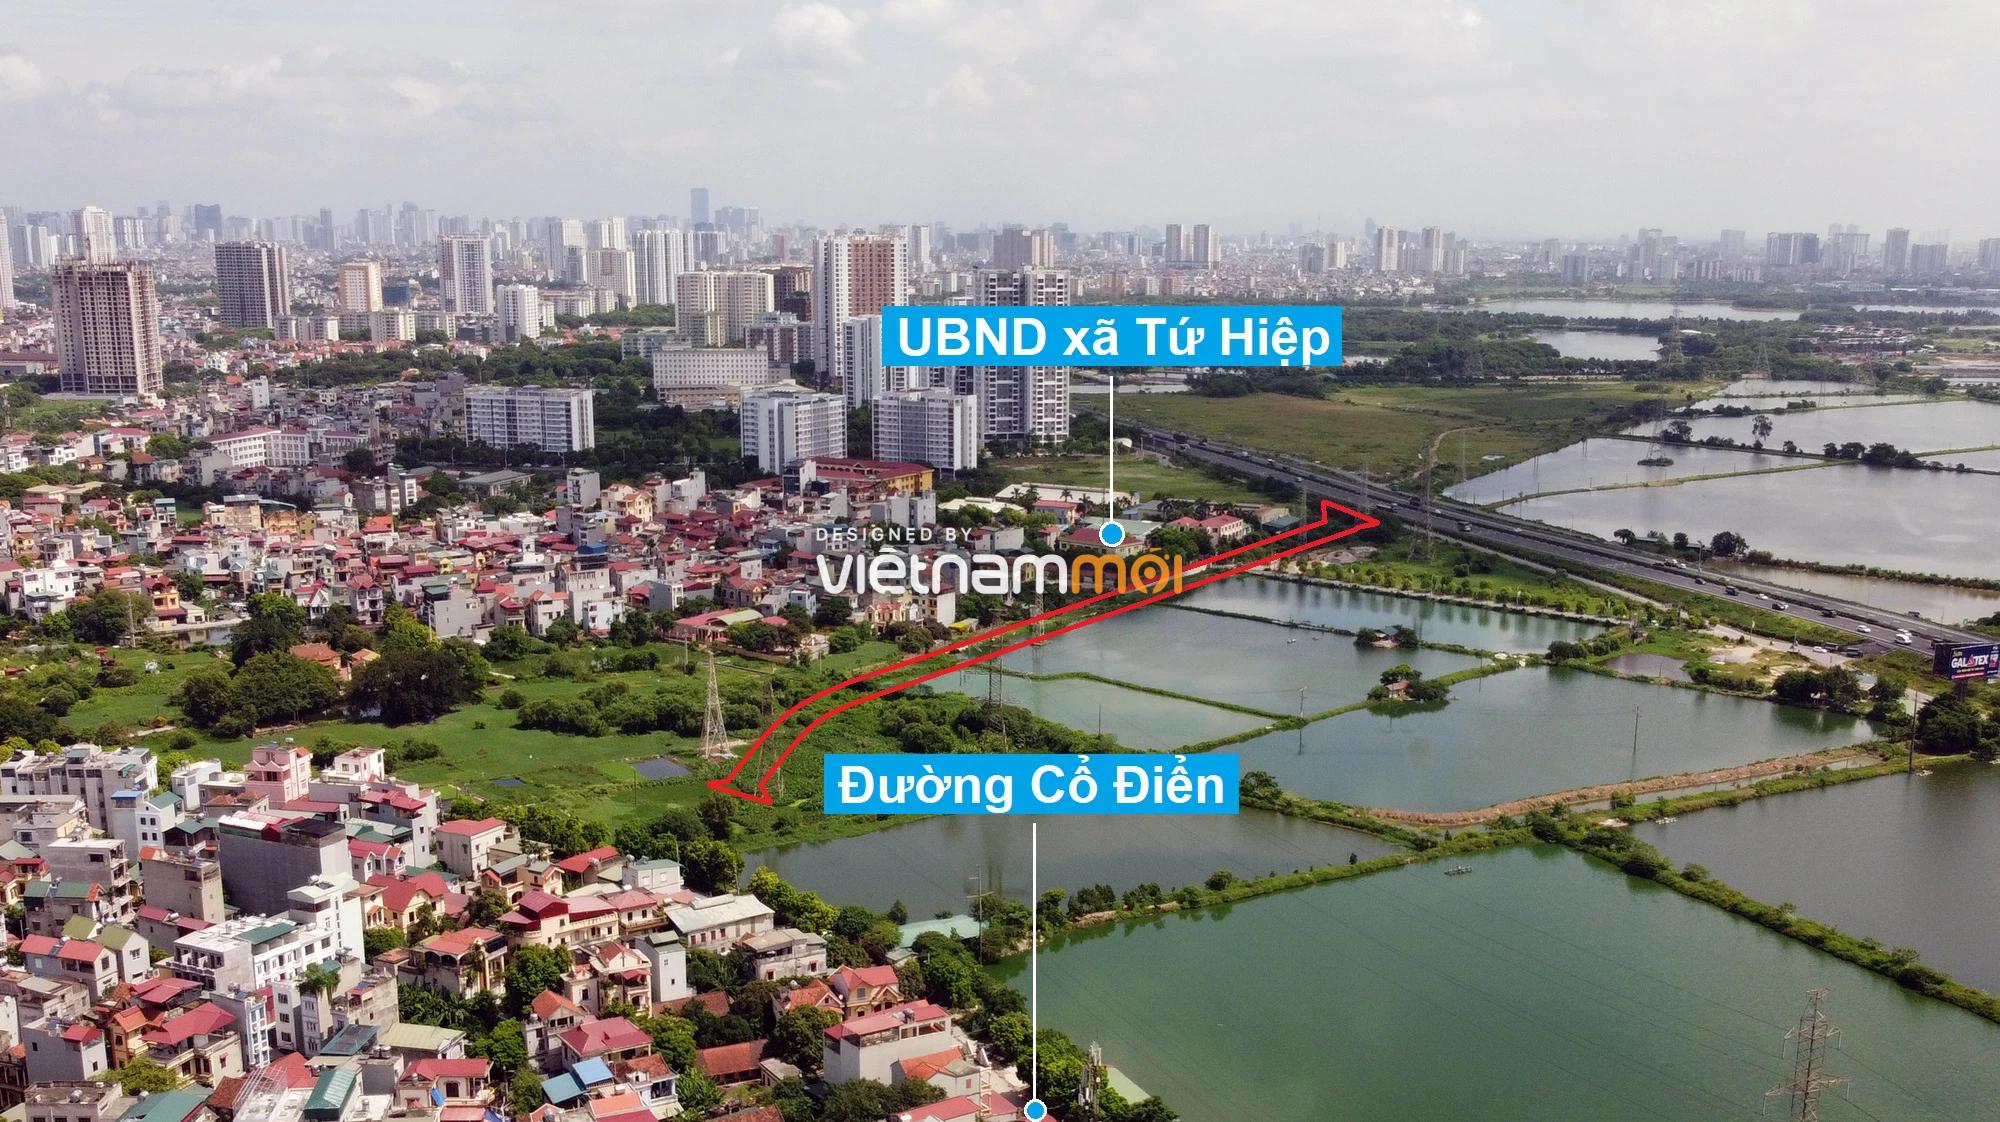 Những khu đất sắp thu hồi để mở đường ở xã Tứ Hiệp, Thanh Trì, Hà Nội (phần 4) - Ảnh 13.